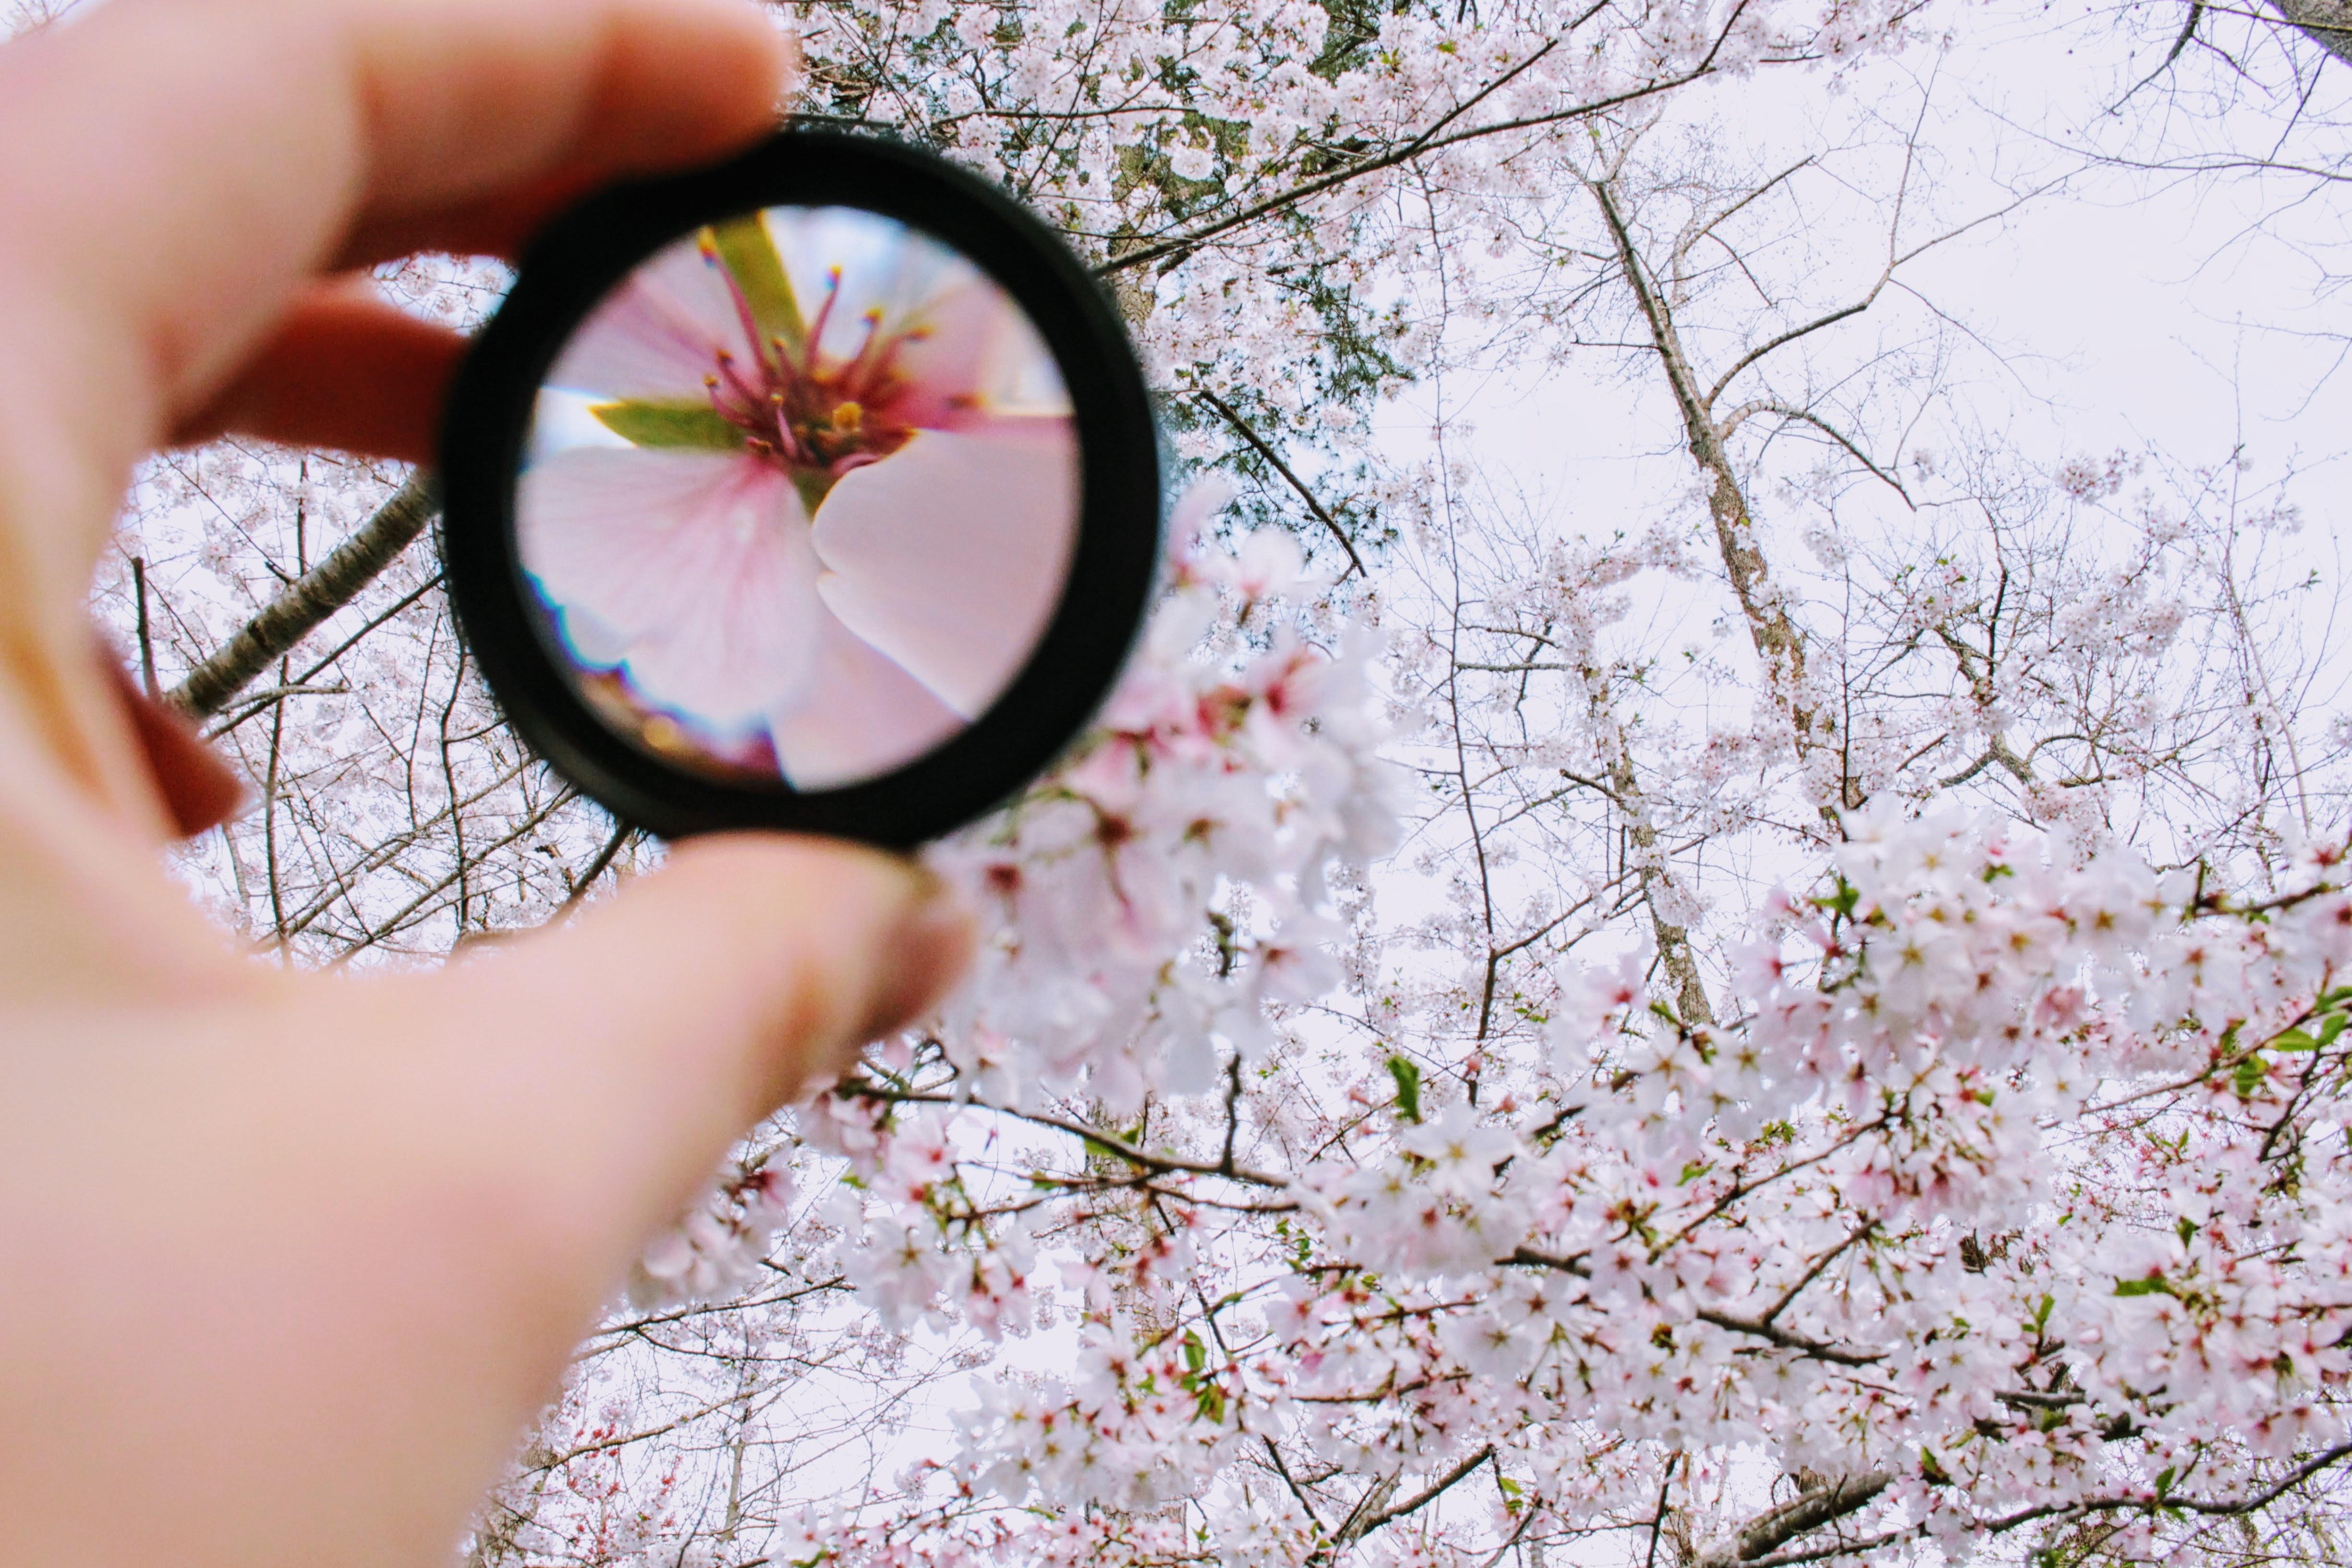 Lens focused on flowers